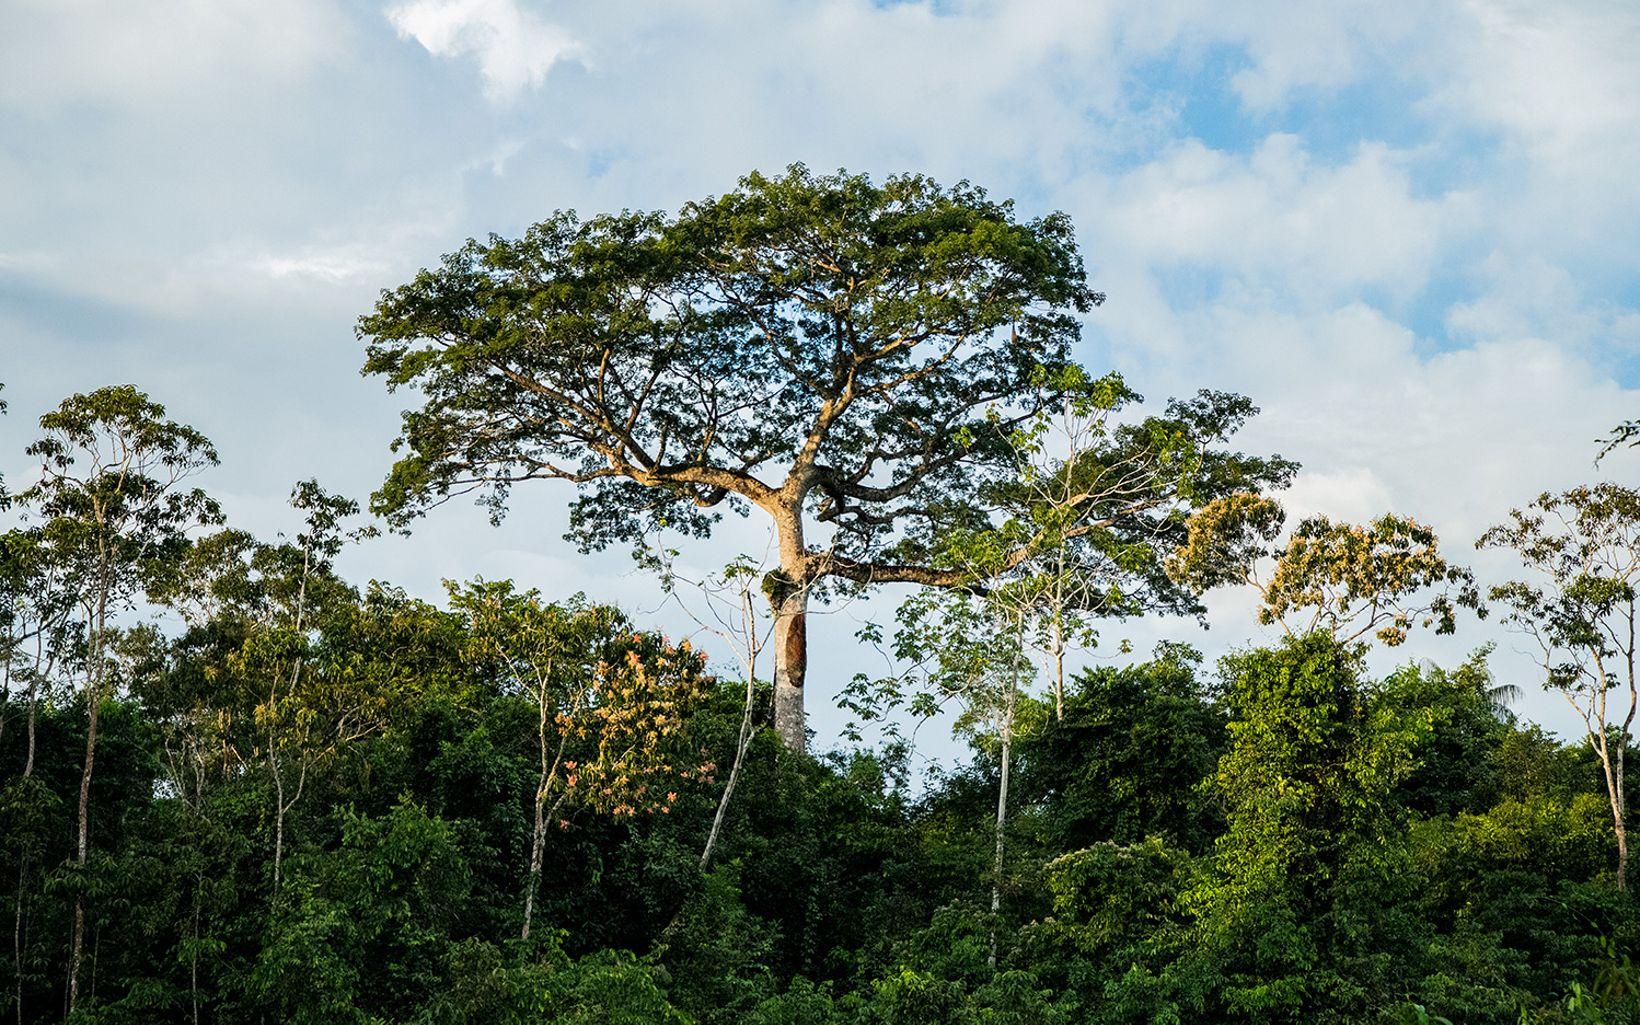 Una imponente ceiba destaca sobre la selva a orillas del río Peneya, Caquetá.